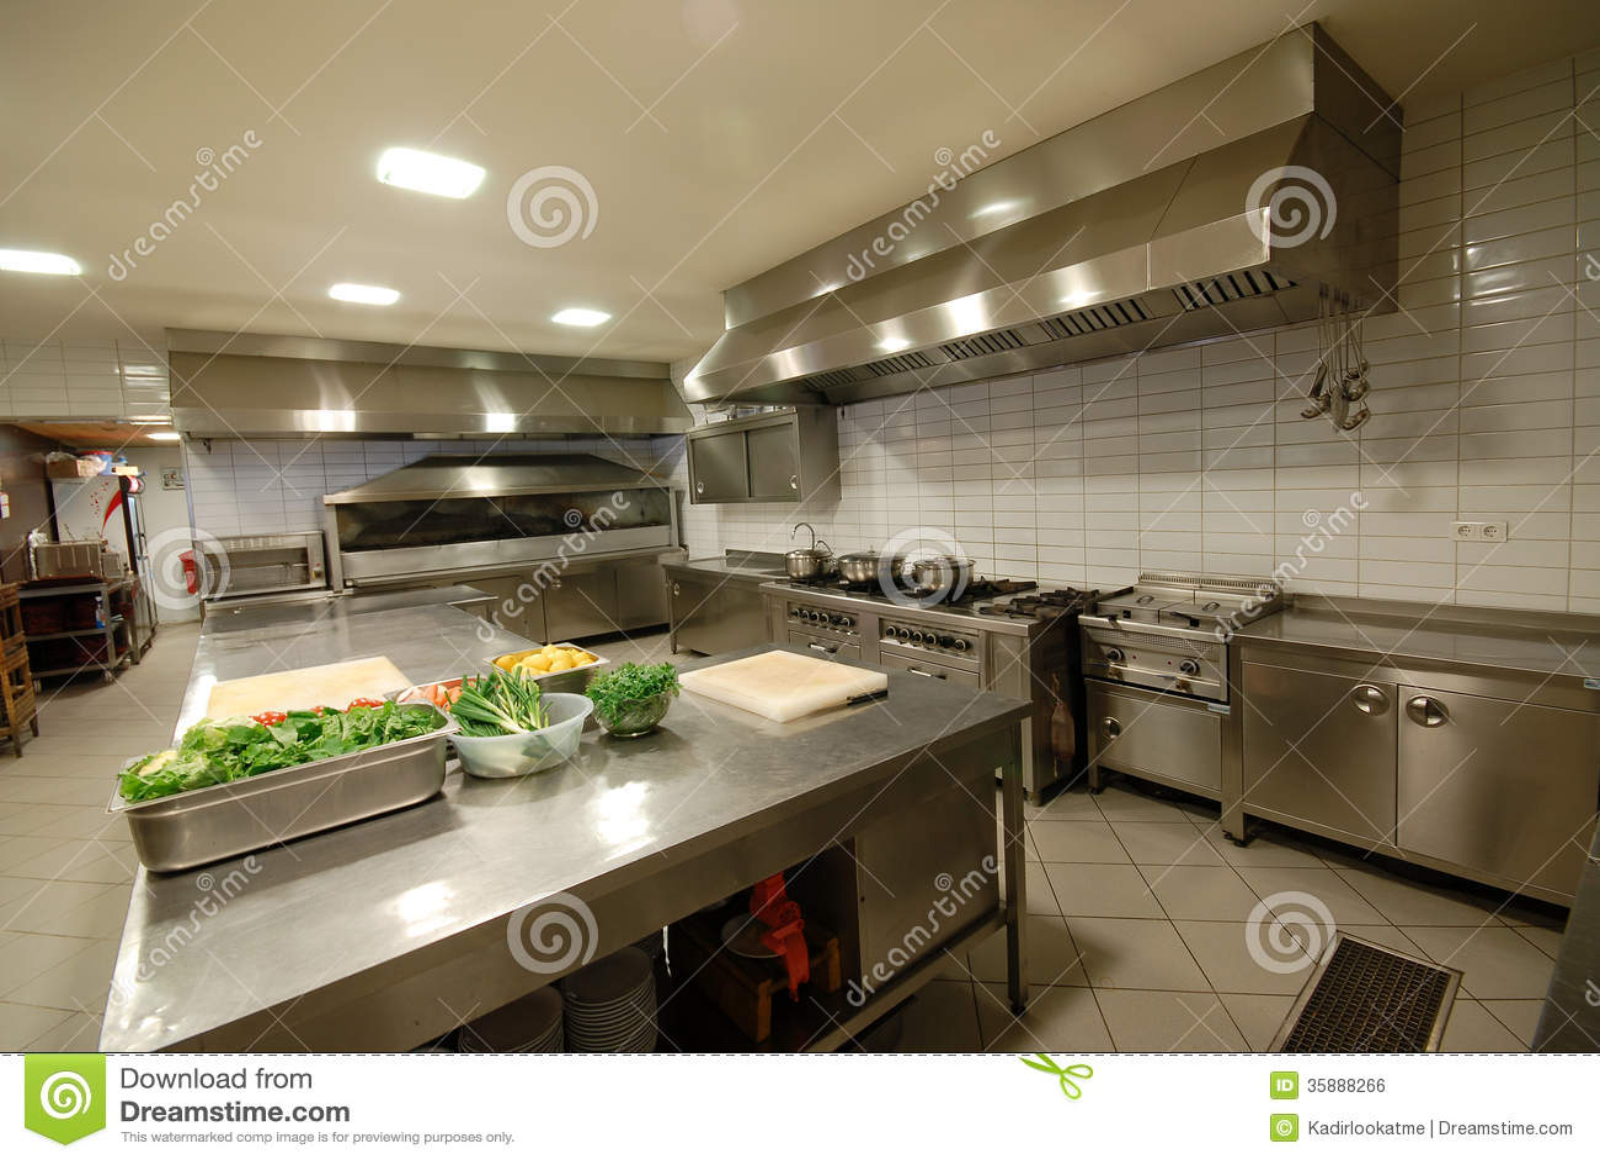 Cuisine moderne dans le de restaurant image libre de for Cuisine moderne dans l ancien